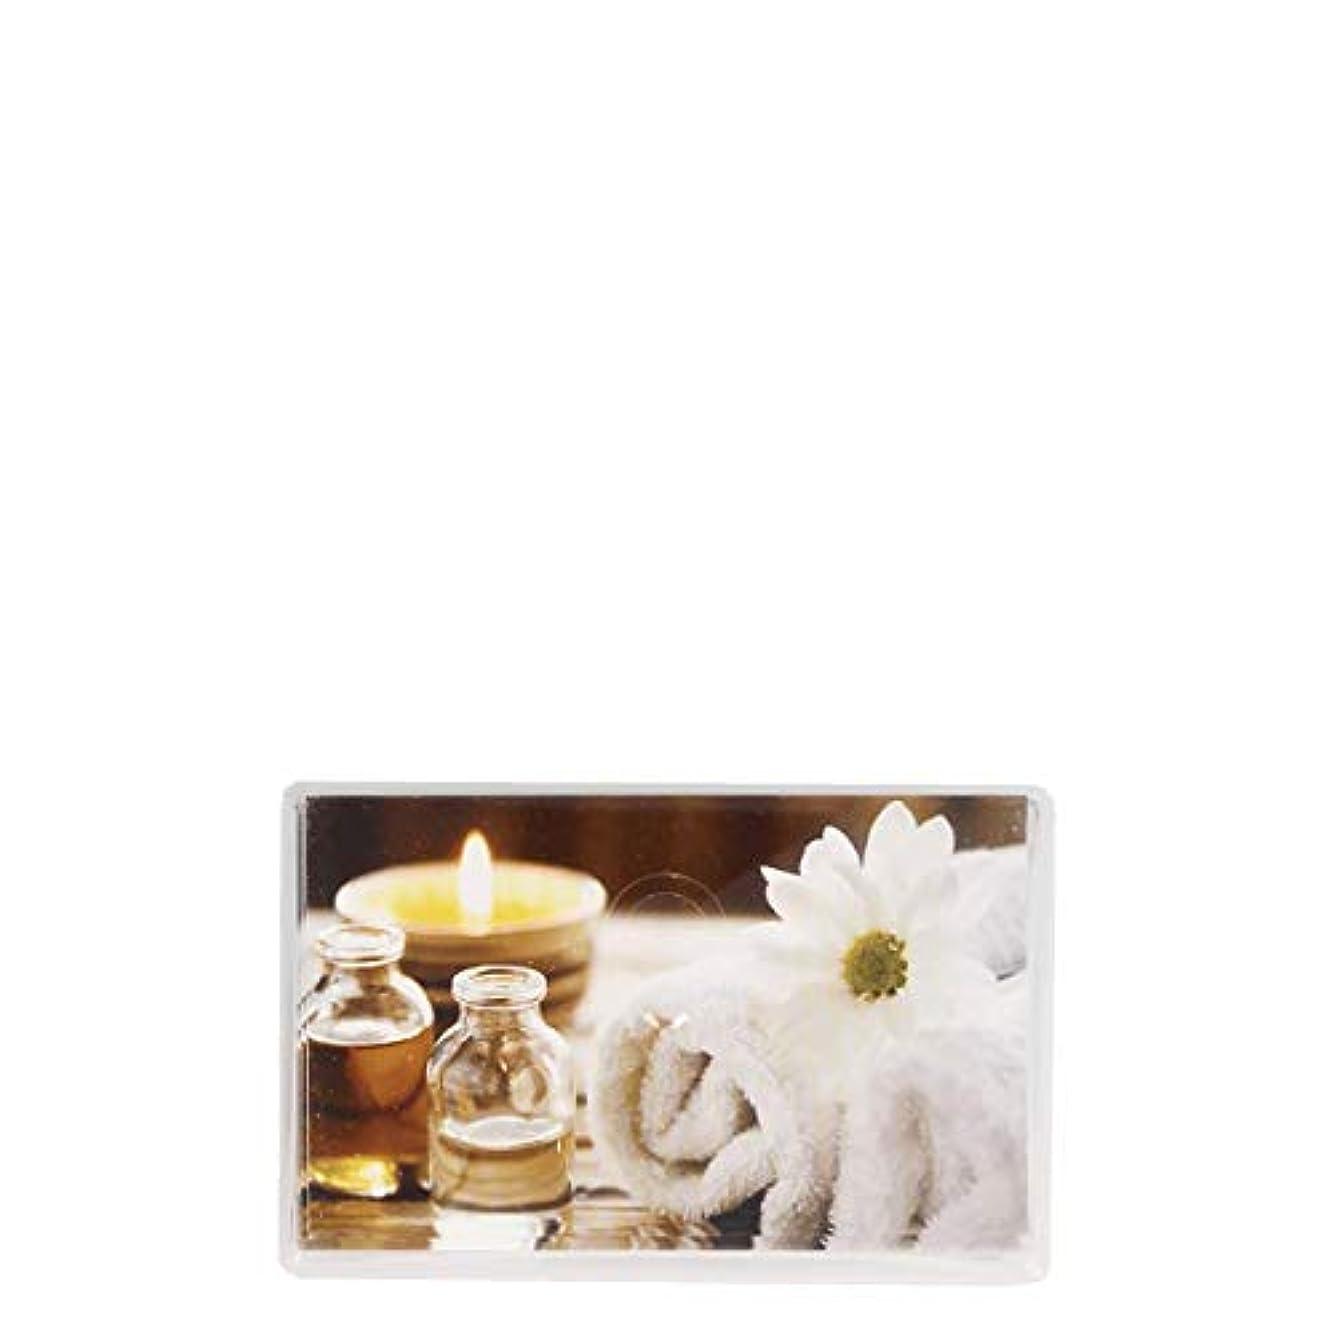 株式アラート罪悪感アポイントメントカード Appointment cards- AP5B BEAUTY DAISY CARDS x100[海外直送品] [並行輸入品]